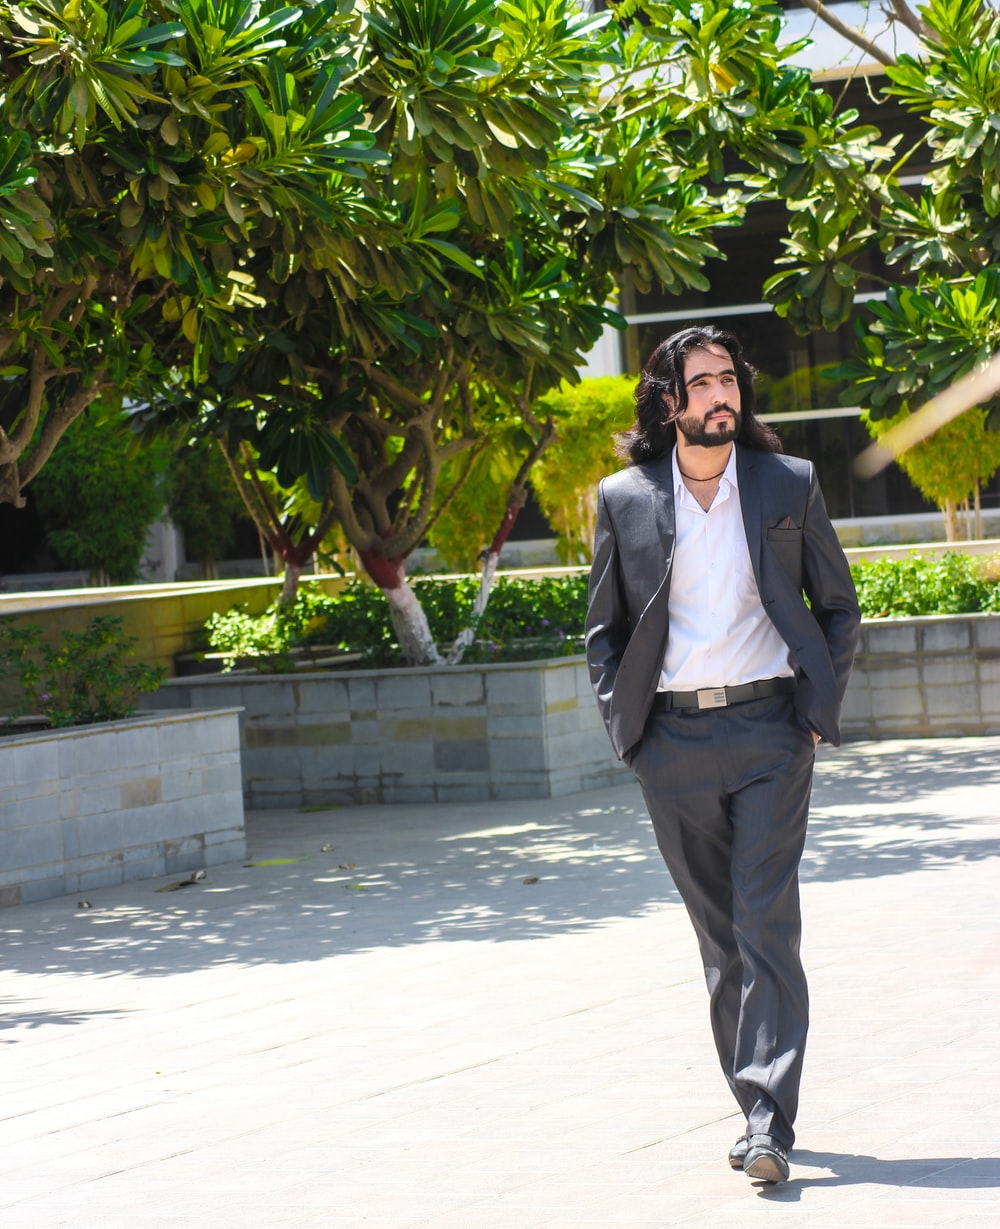 man in black suit jacket walking near trees